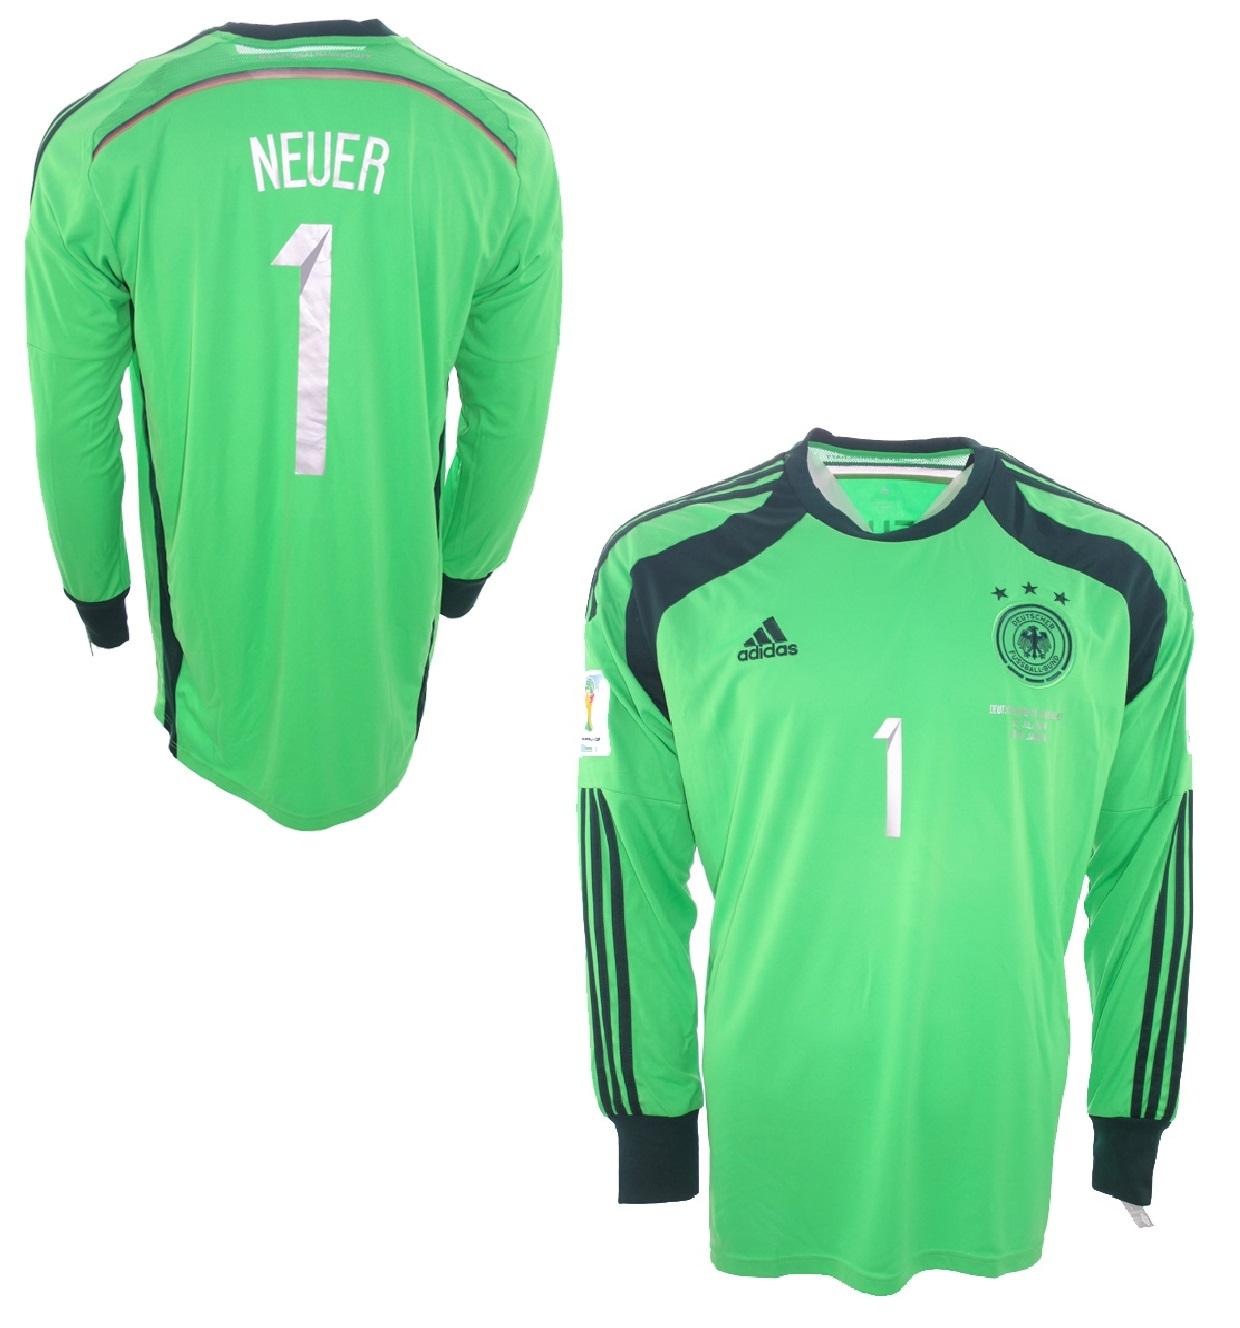 Adidas Deutschland Torwarttriikot 1 Manuel Neuer WM 2014 DFB